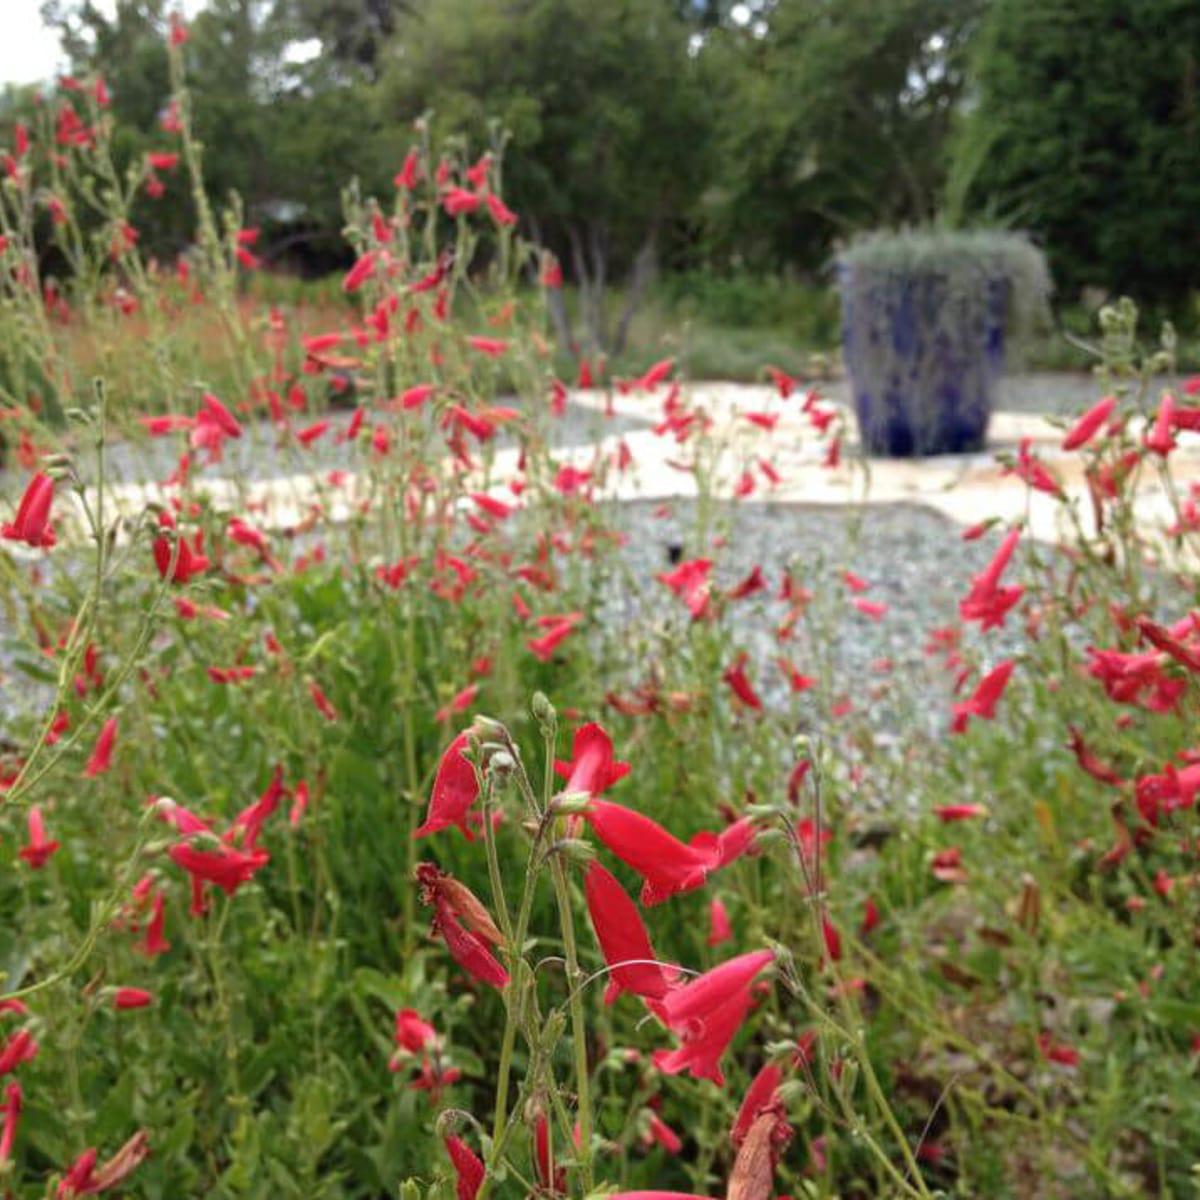 Penstemon at LBJ Wildflower Center